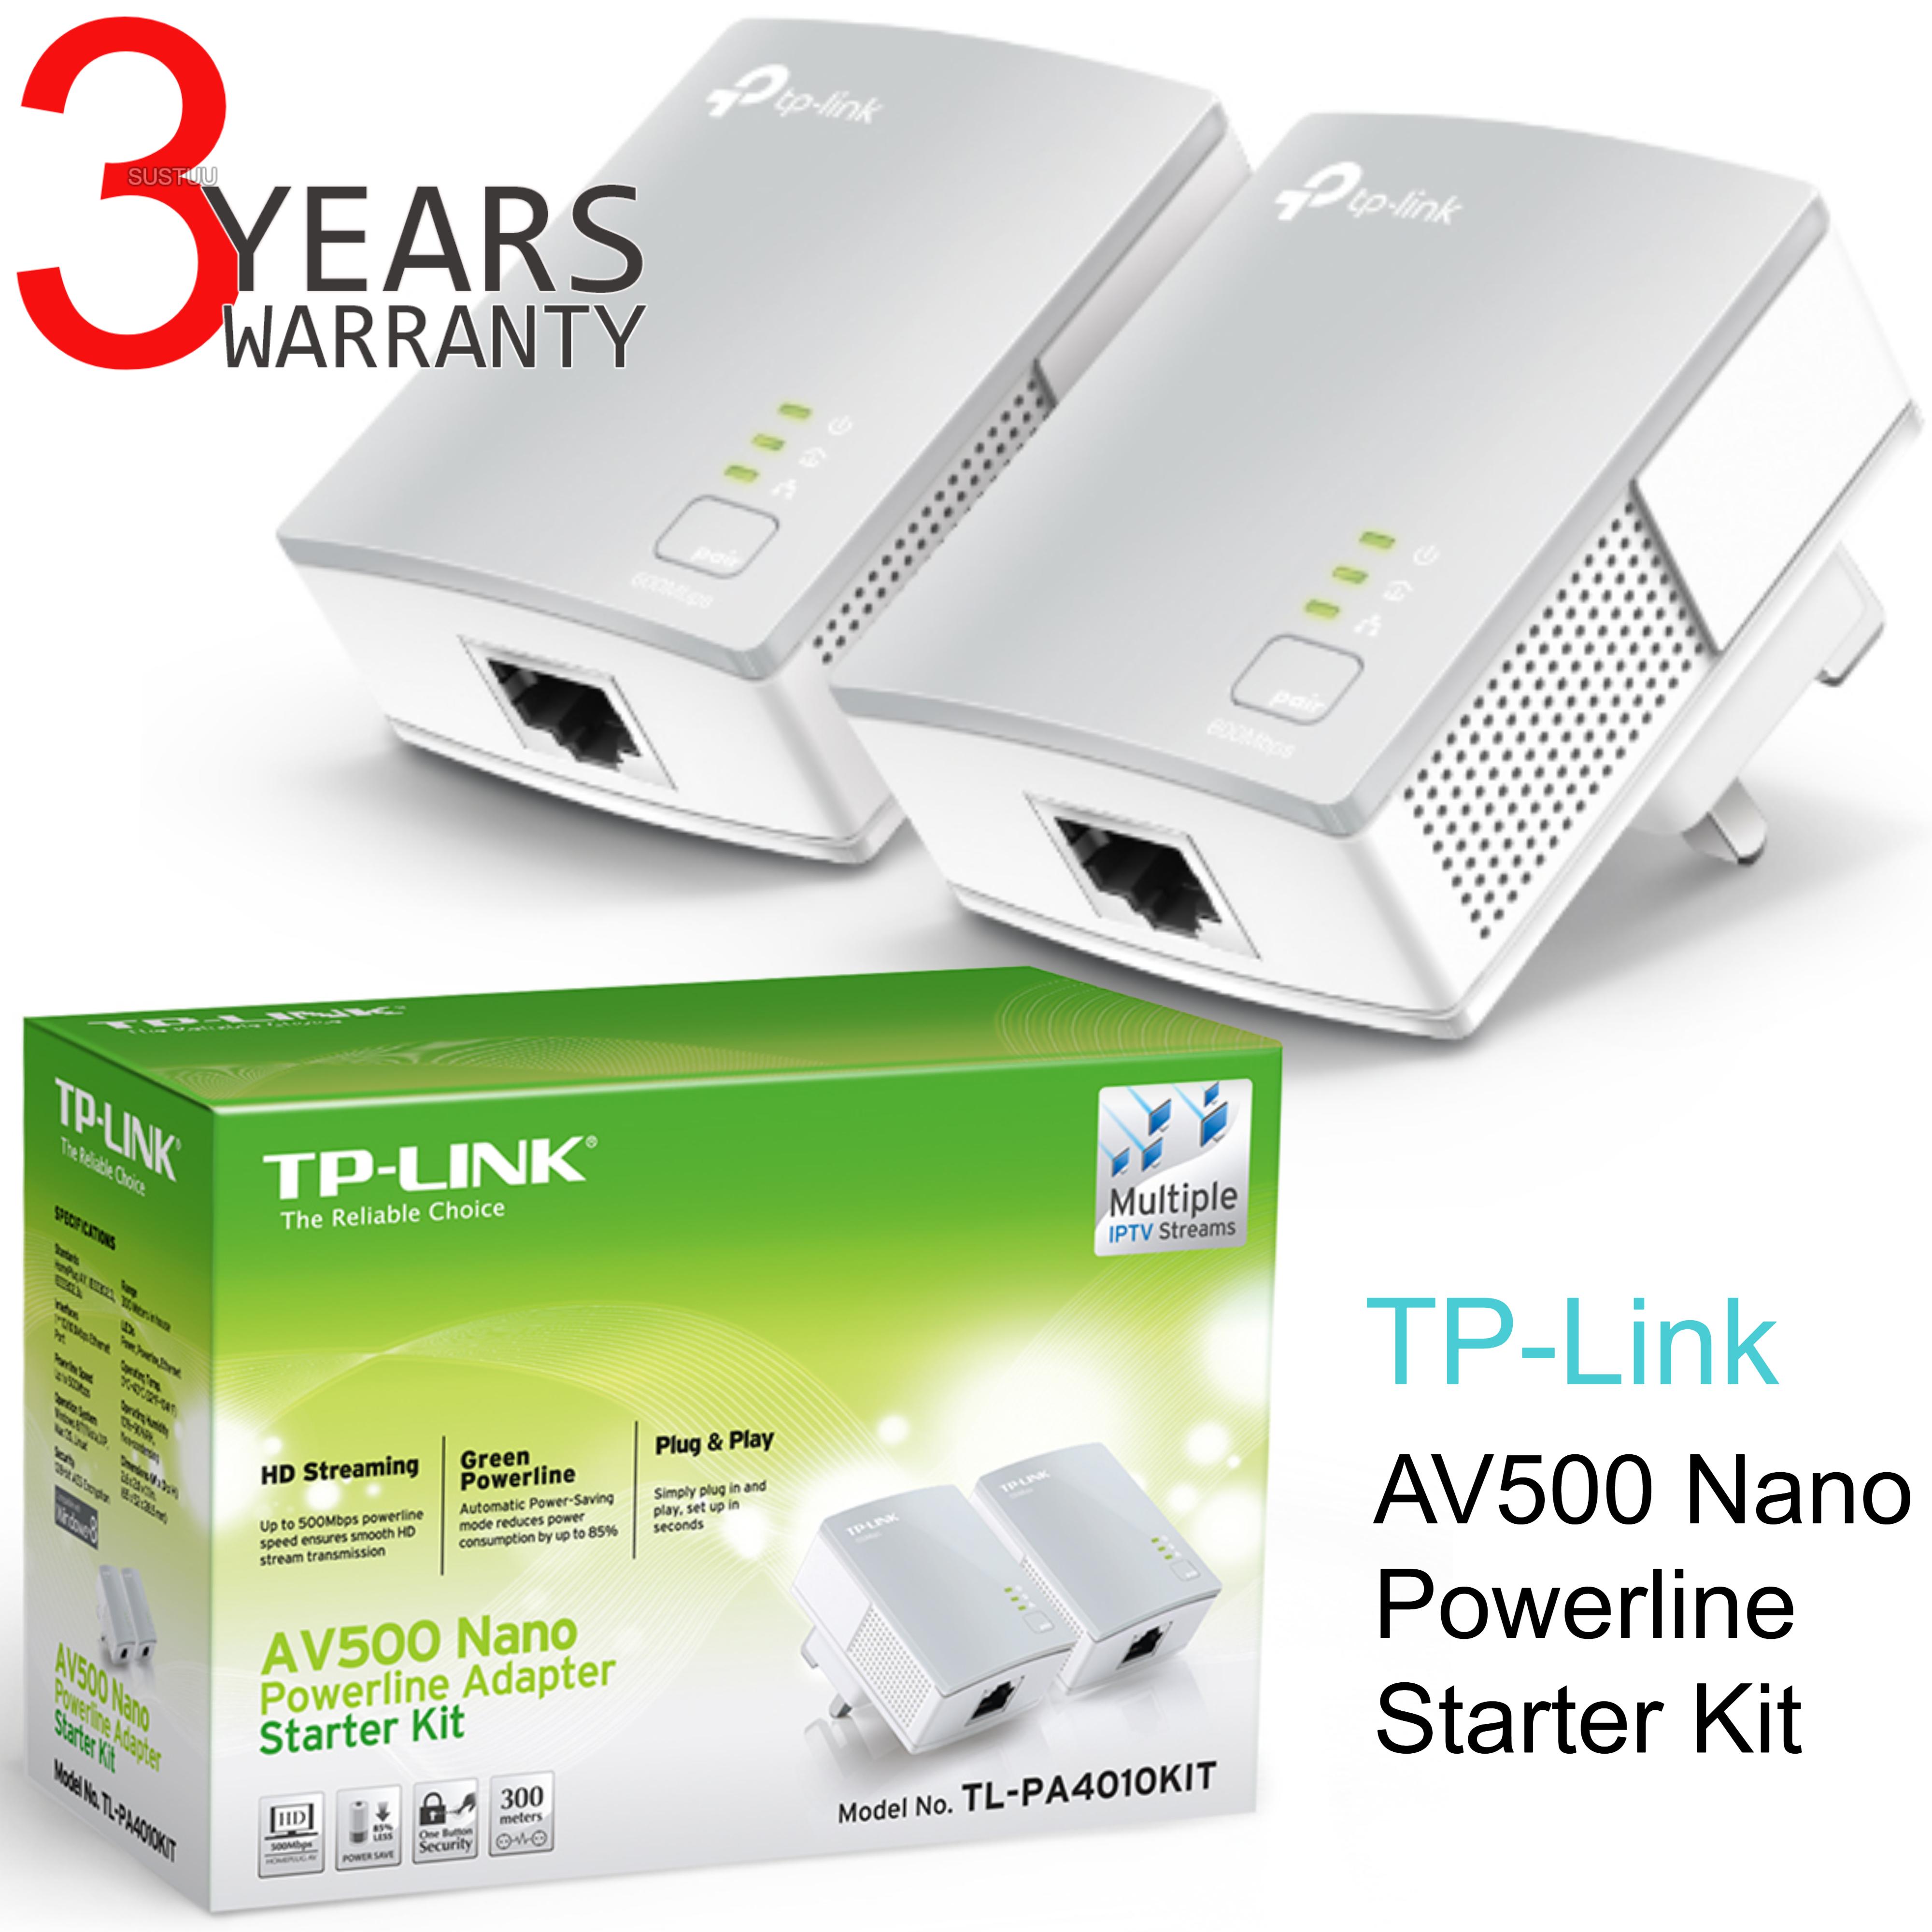 TP-Link AV500 Nano Powerline Adapter Starter Kit|TL-PA4010KIT|Use Home TV-Gaming